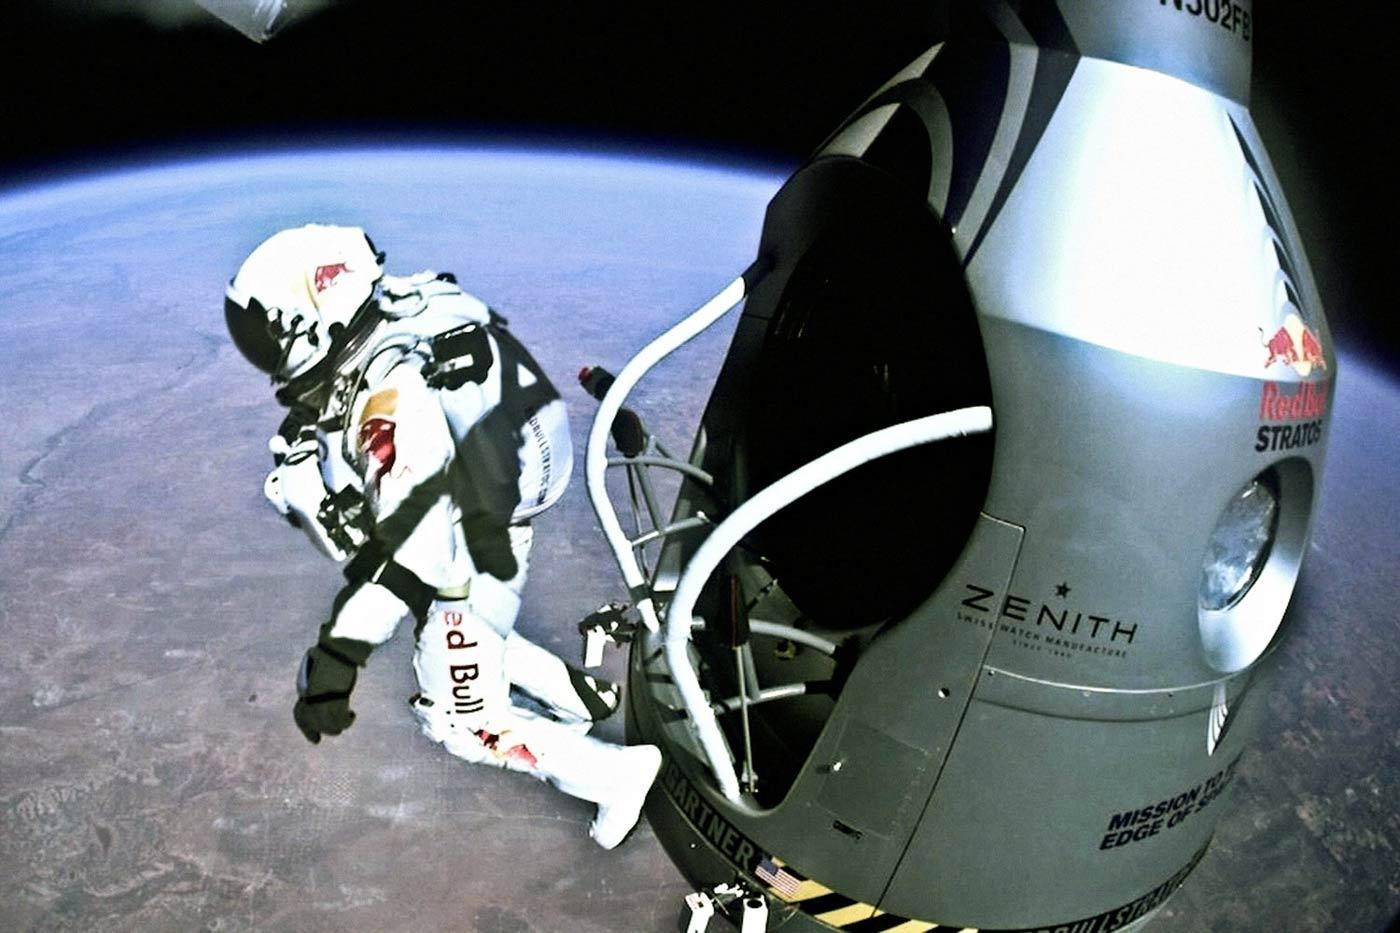 Η μεγαλύτερη ελεύθερη πτώση ανθρώπου που έγινε ποτέ από το διάστημα.